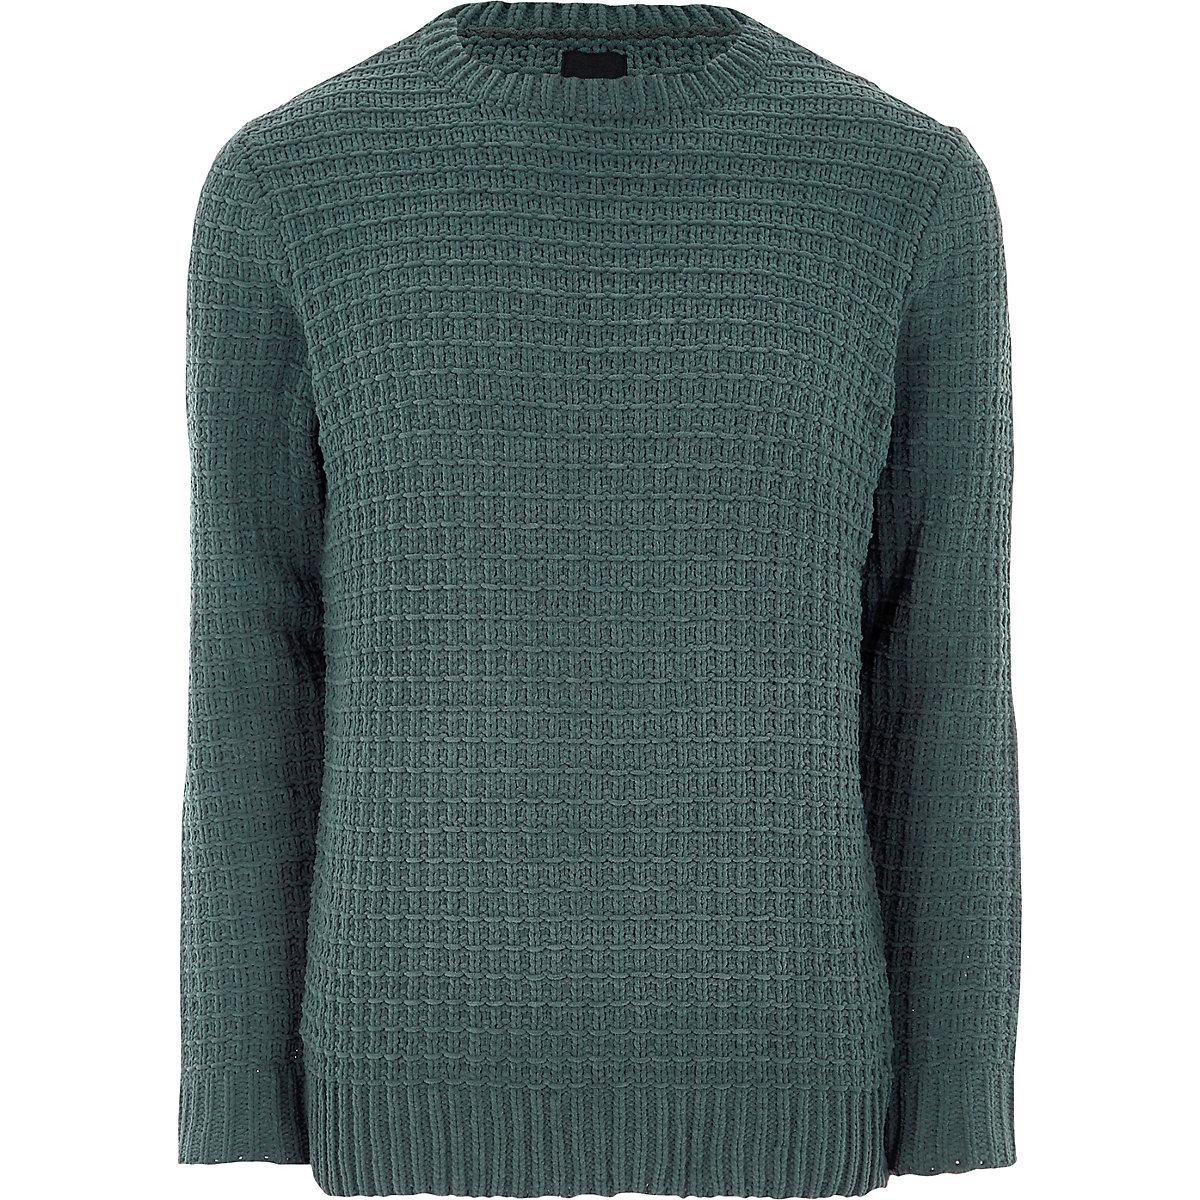 Dark green textured chenille knit sweater